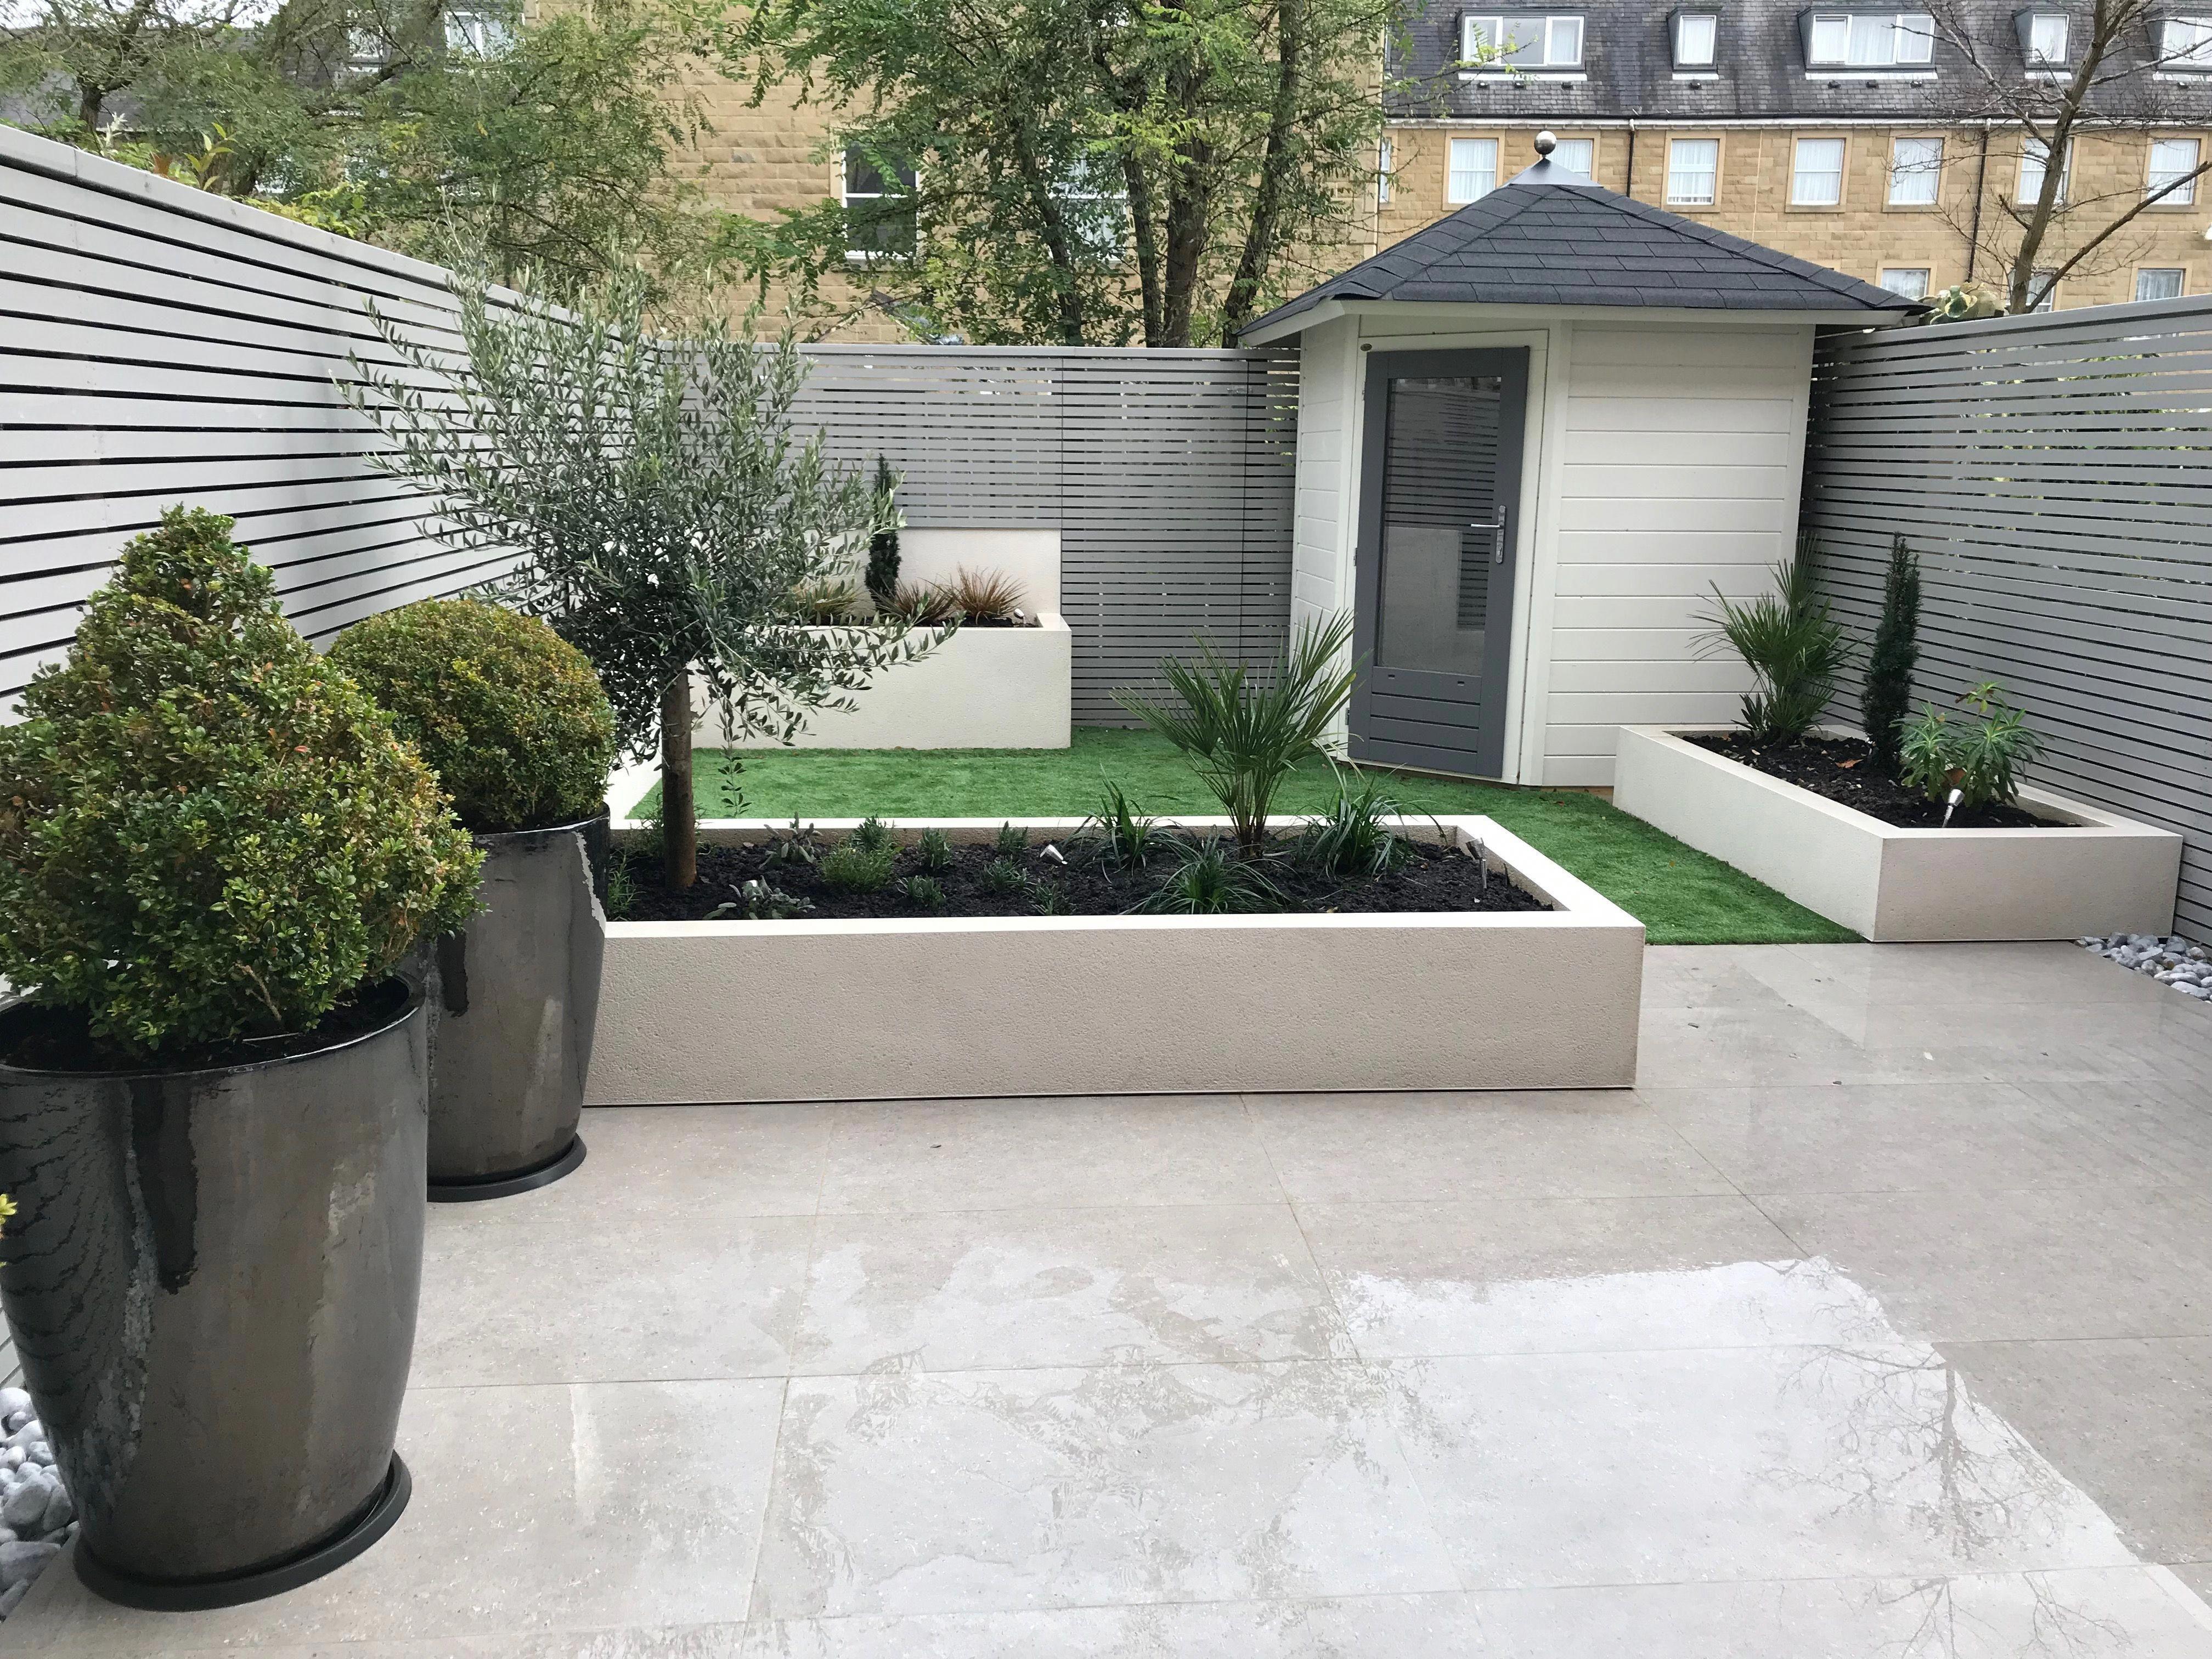 Landscape Gardening Newcastle Landscape Gardening For Dummies Back Garden Design Modern Garden Design Small Garden Design